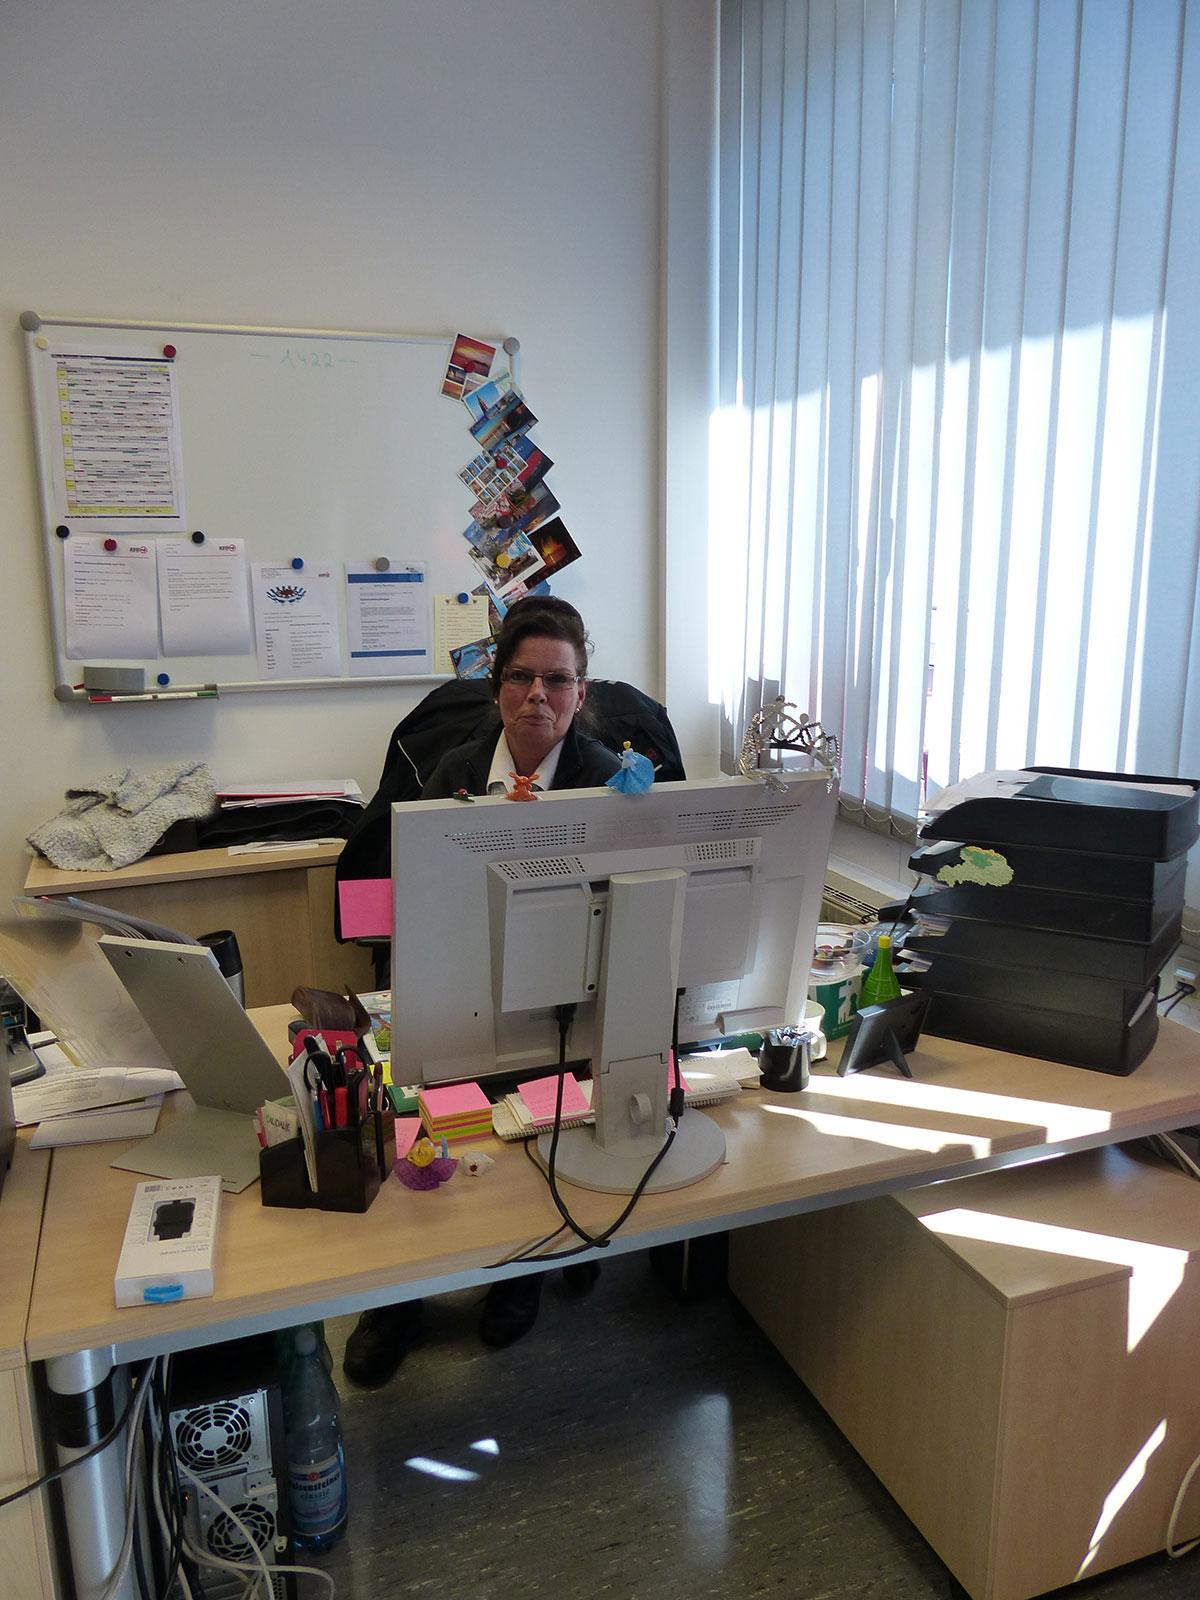 Soko 1422 - Leiterin Bettina erstellt die Dienstpläne für die Mitarbeiter. (Foto: Kathrin Huth und Hanna Stein)